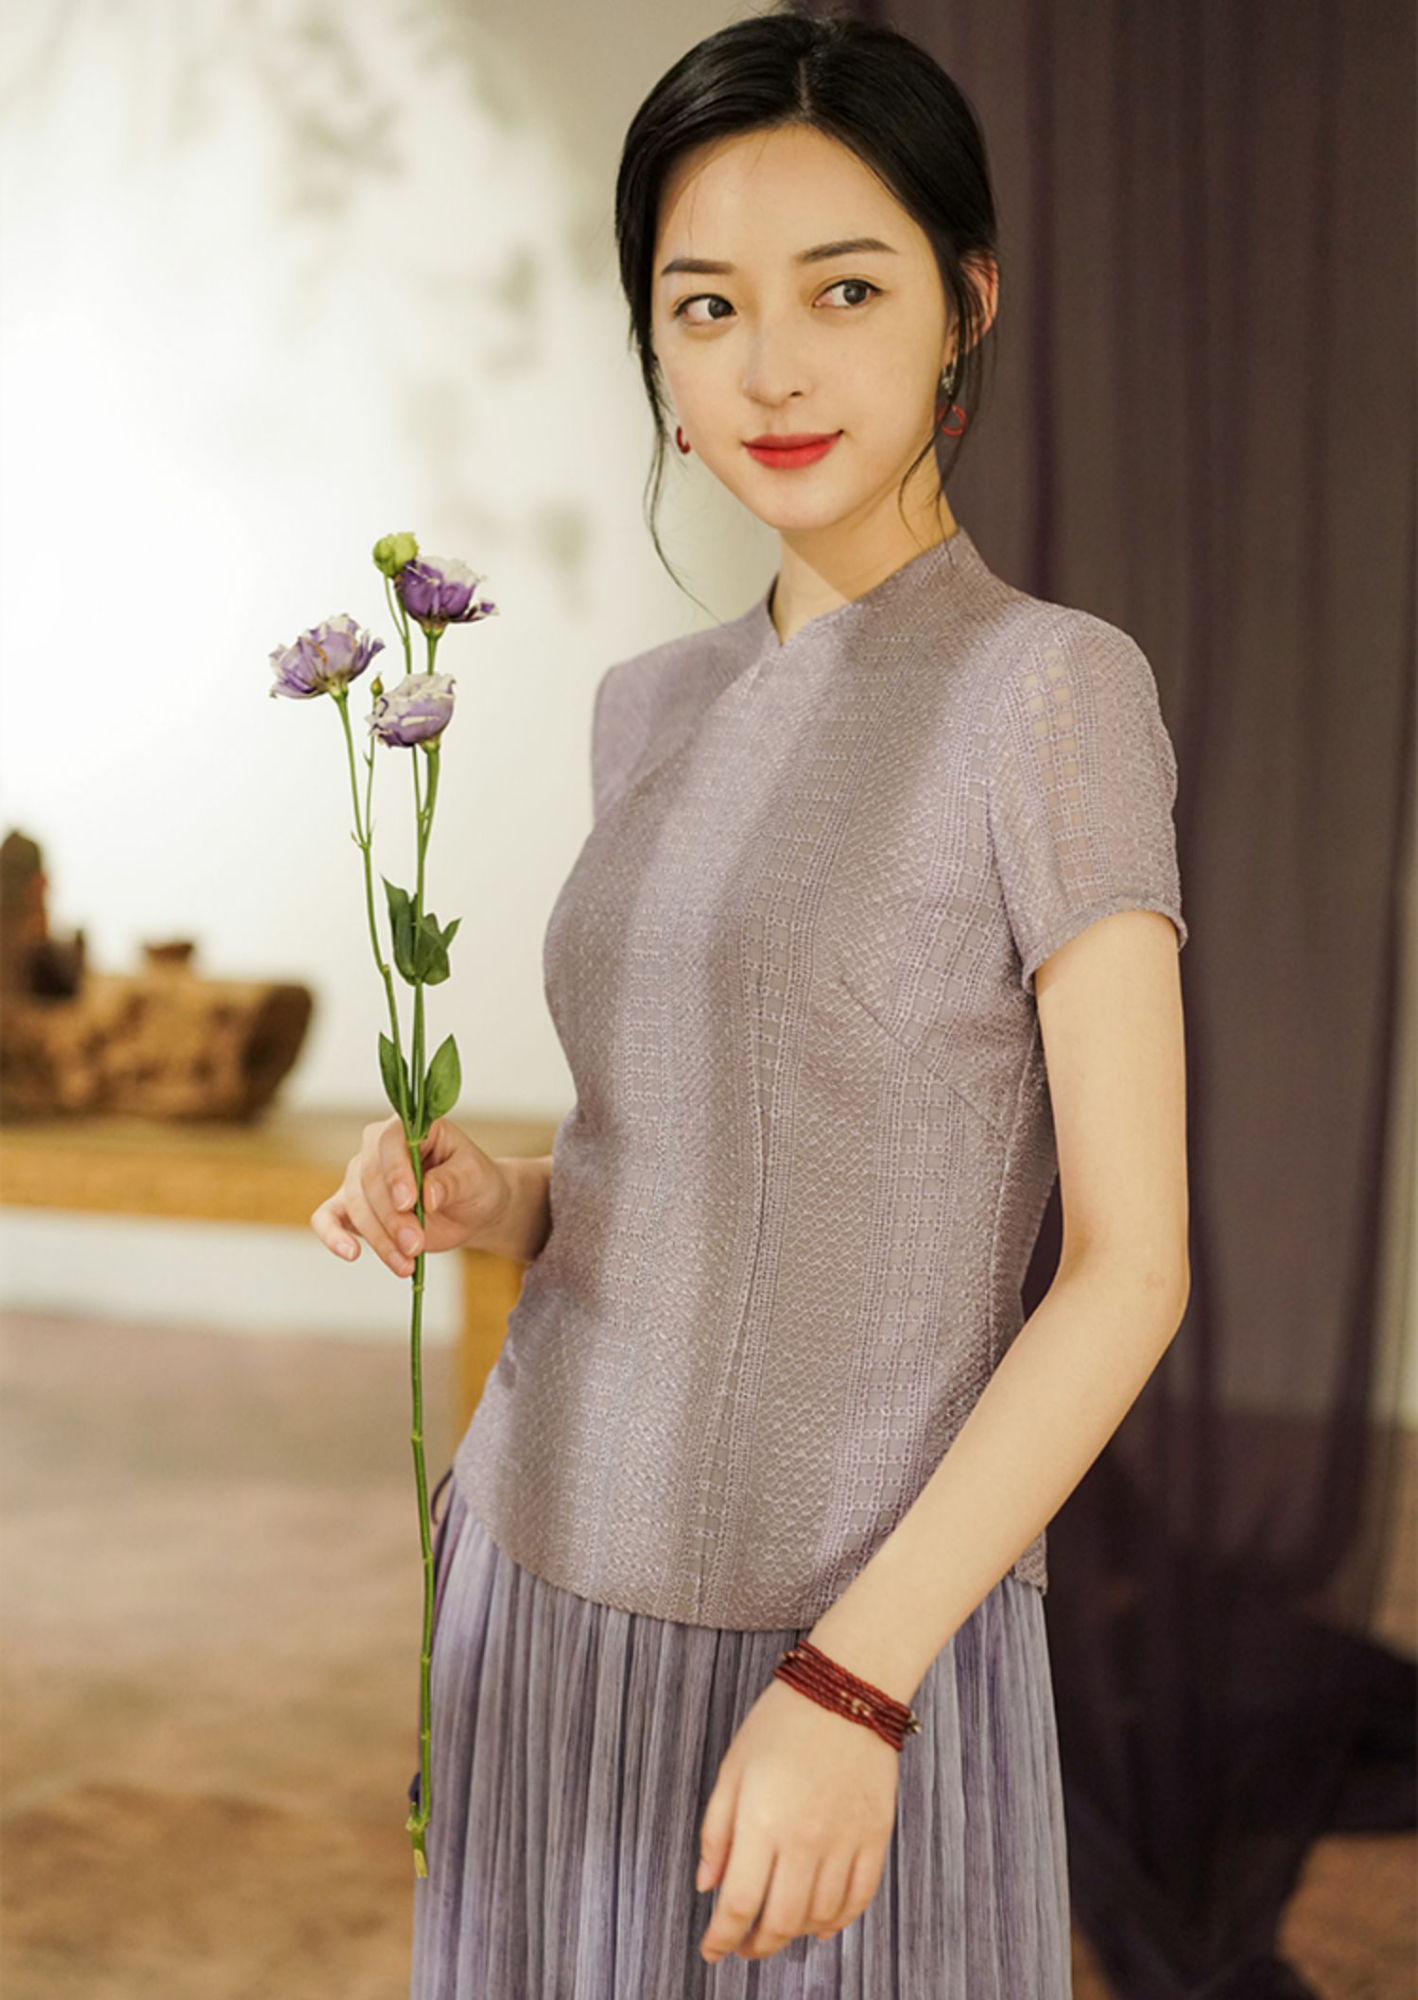 中式上衣+半裙=19年秋天最文艺的搭配!知性又温婉,谁穿谁美!